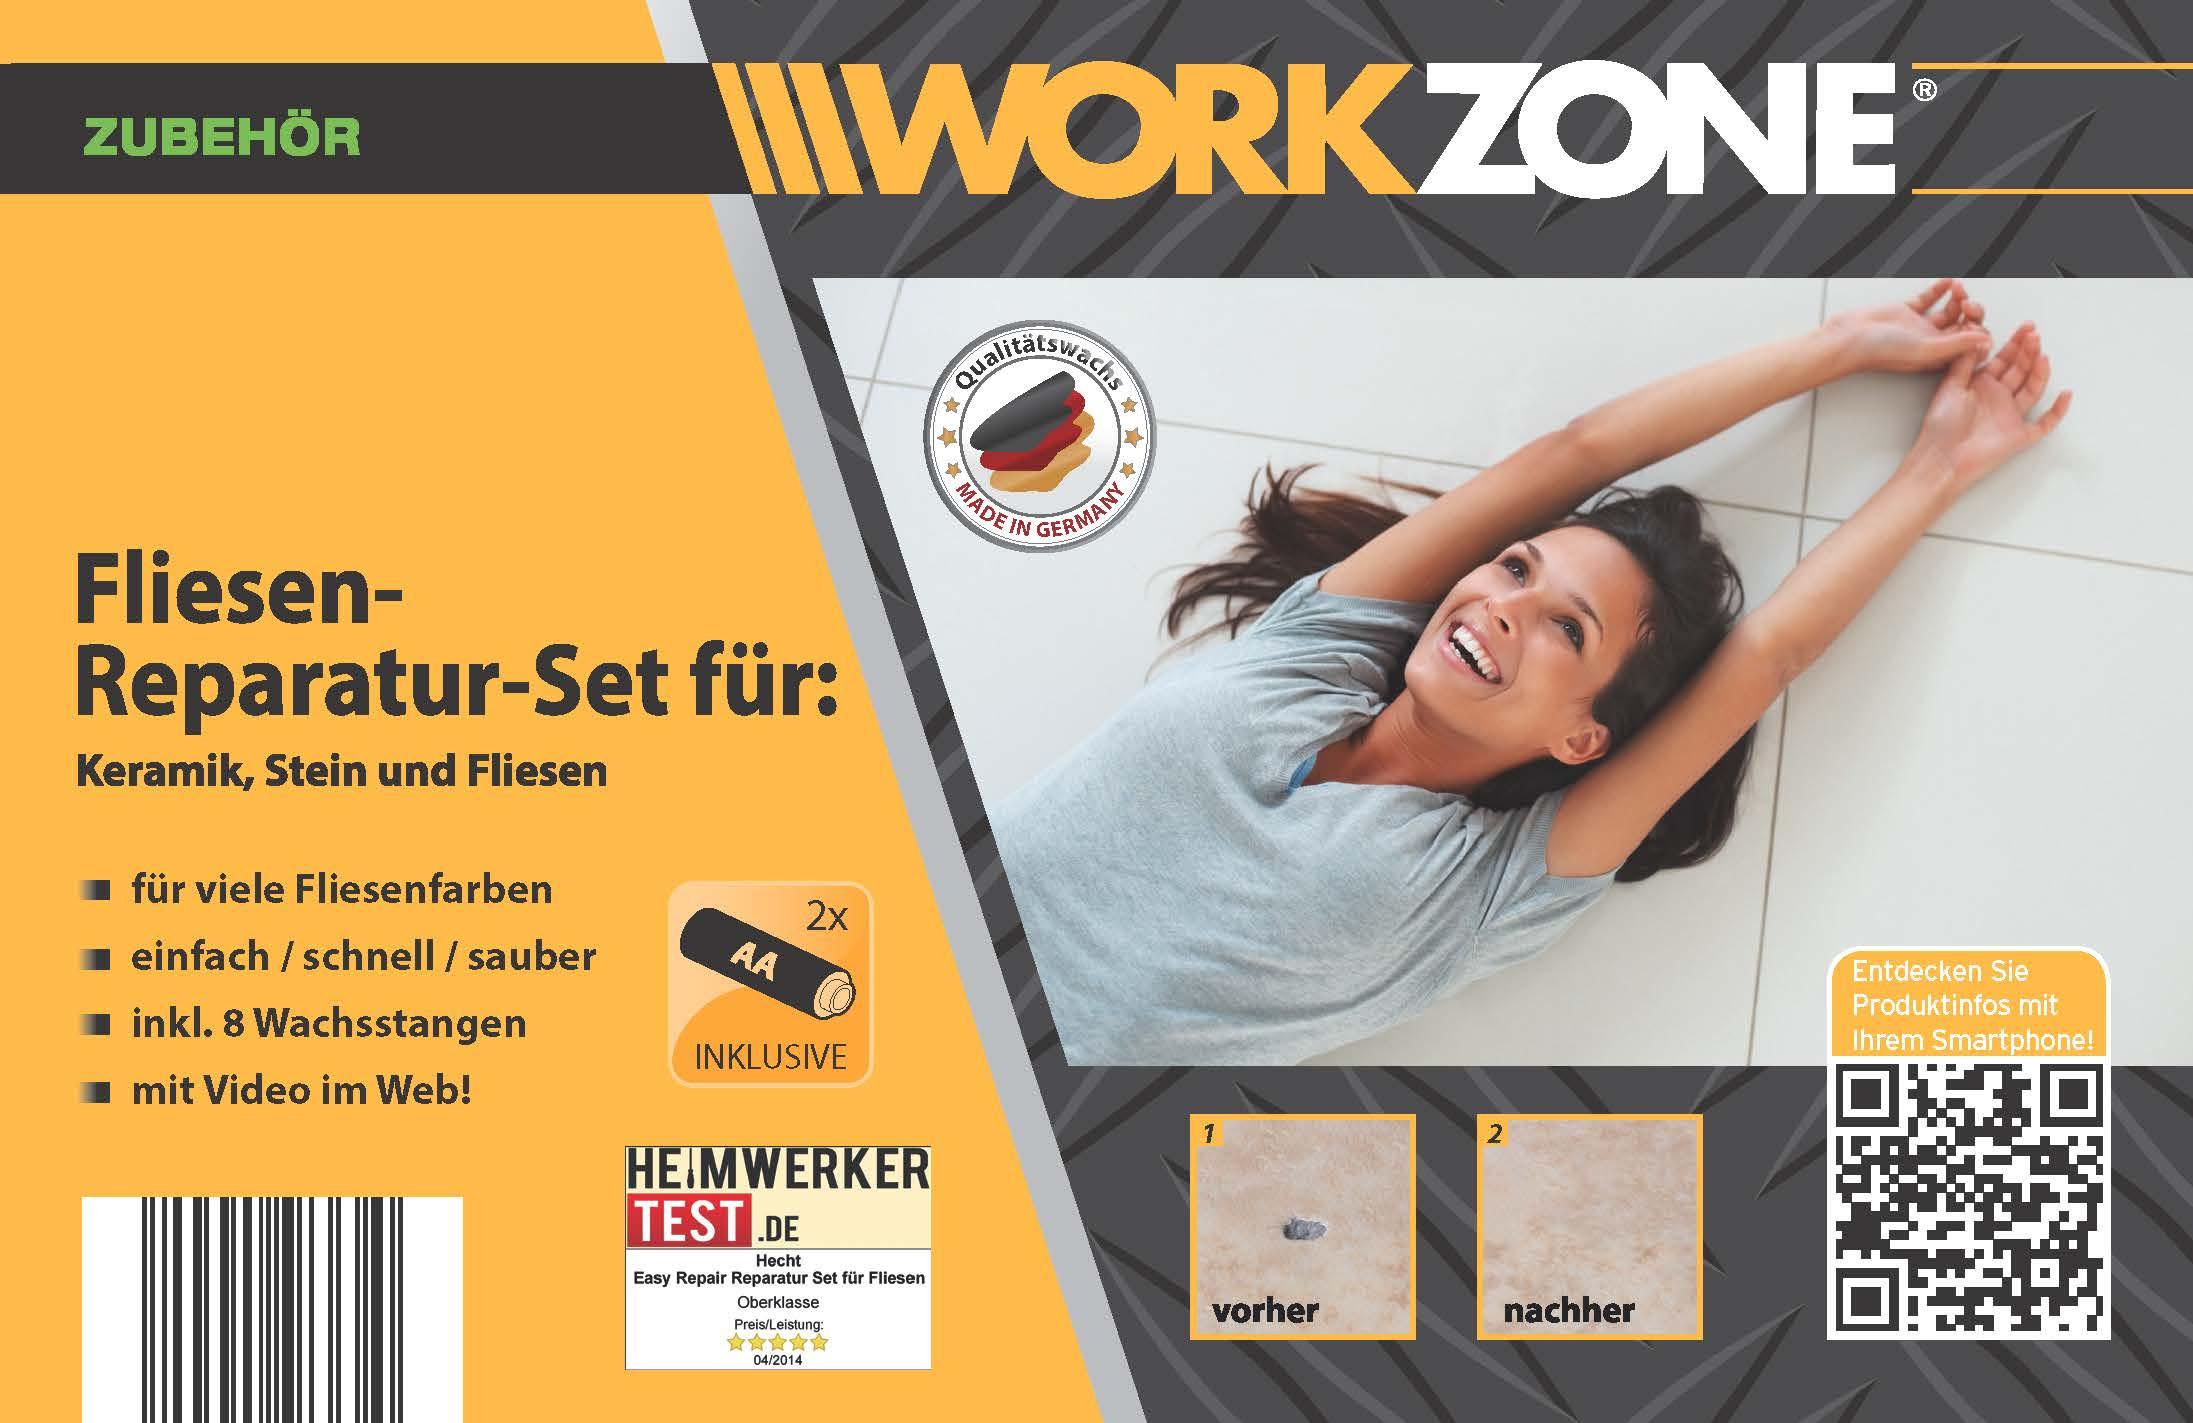 aldi workzone reparaturset f r keramik stein fliesen uvm. Black Bedroom Furniture Sets. Home Design Ideas